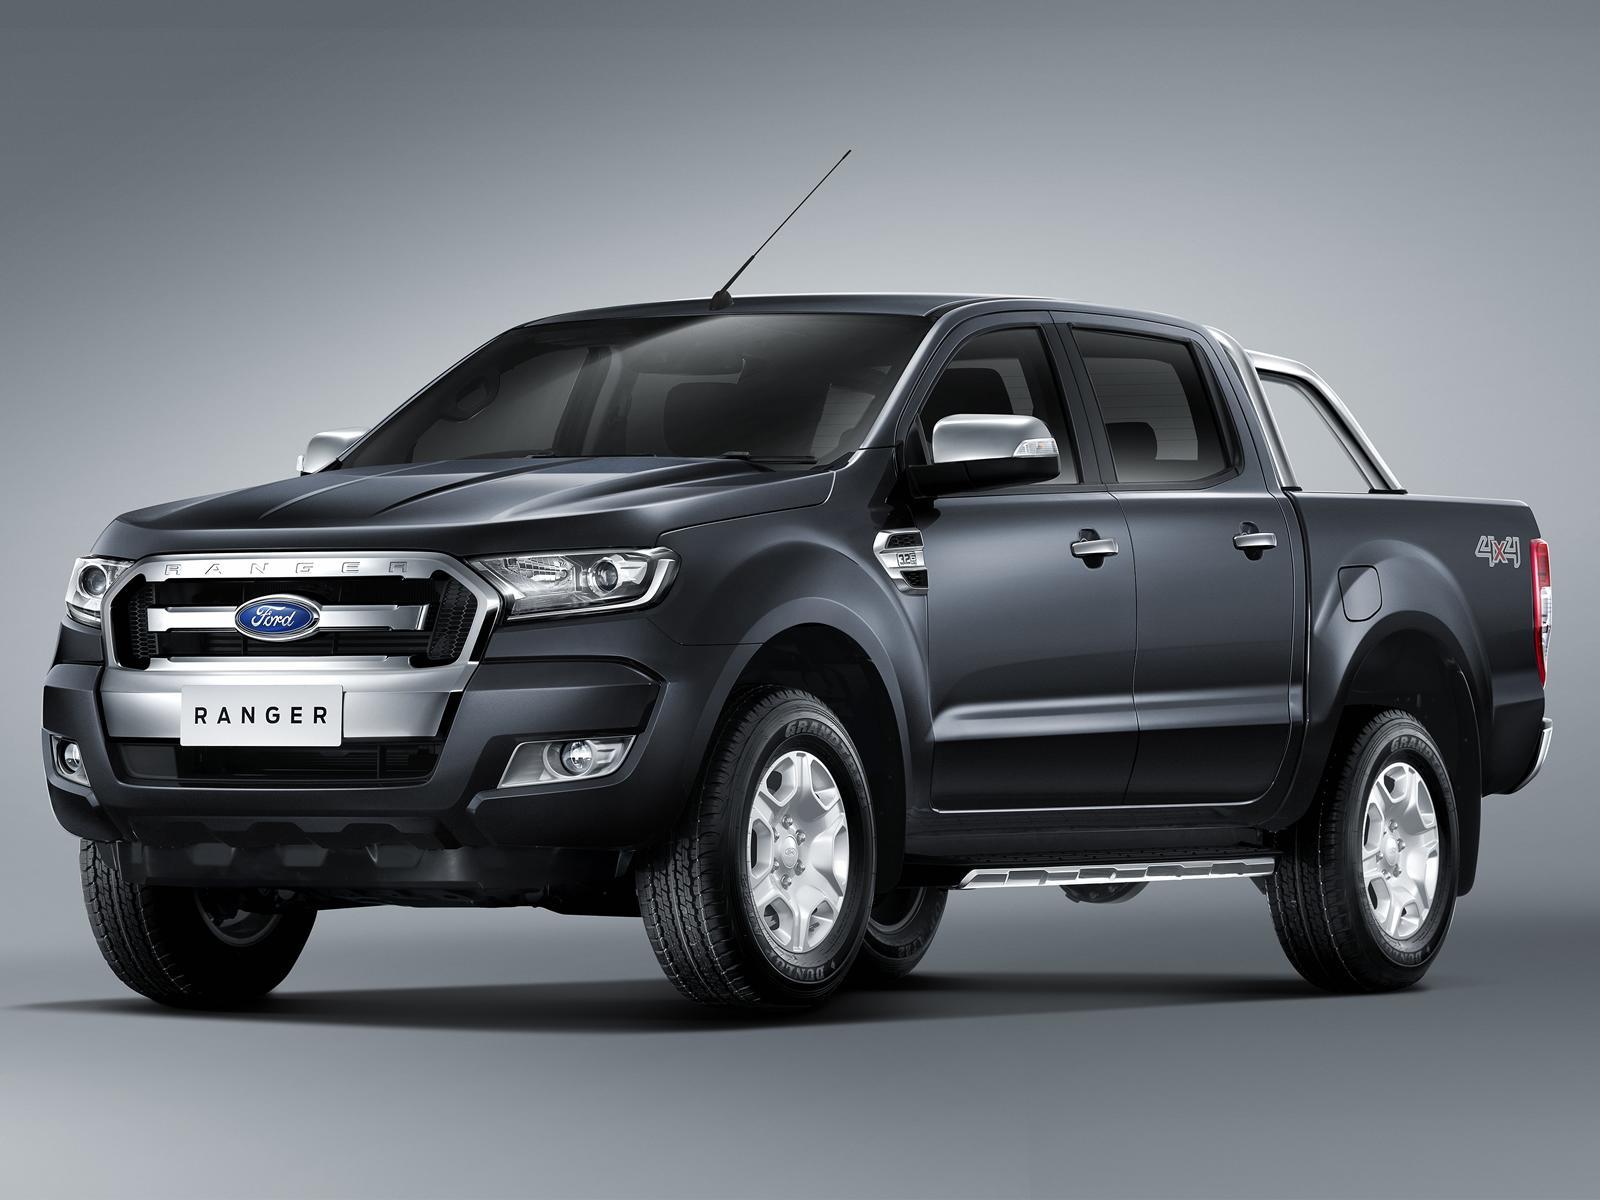 Photo of Ford'tan Ranger Raptor beklentisi